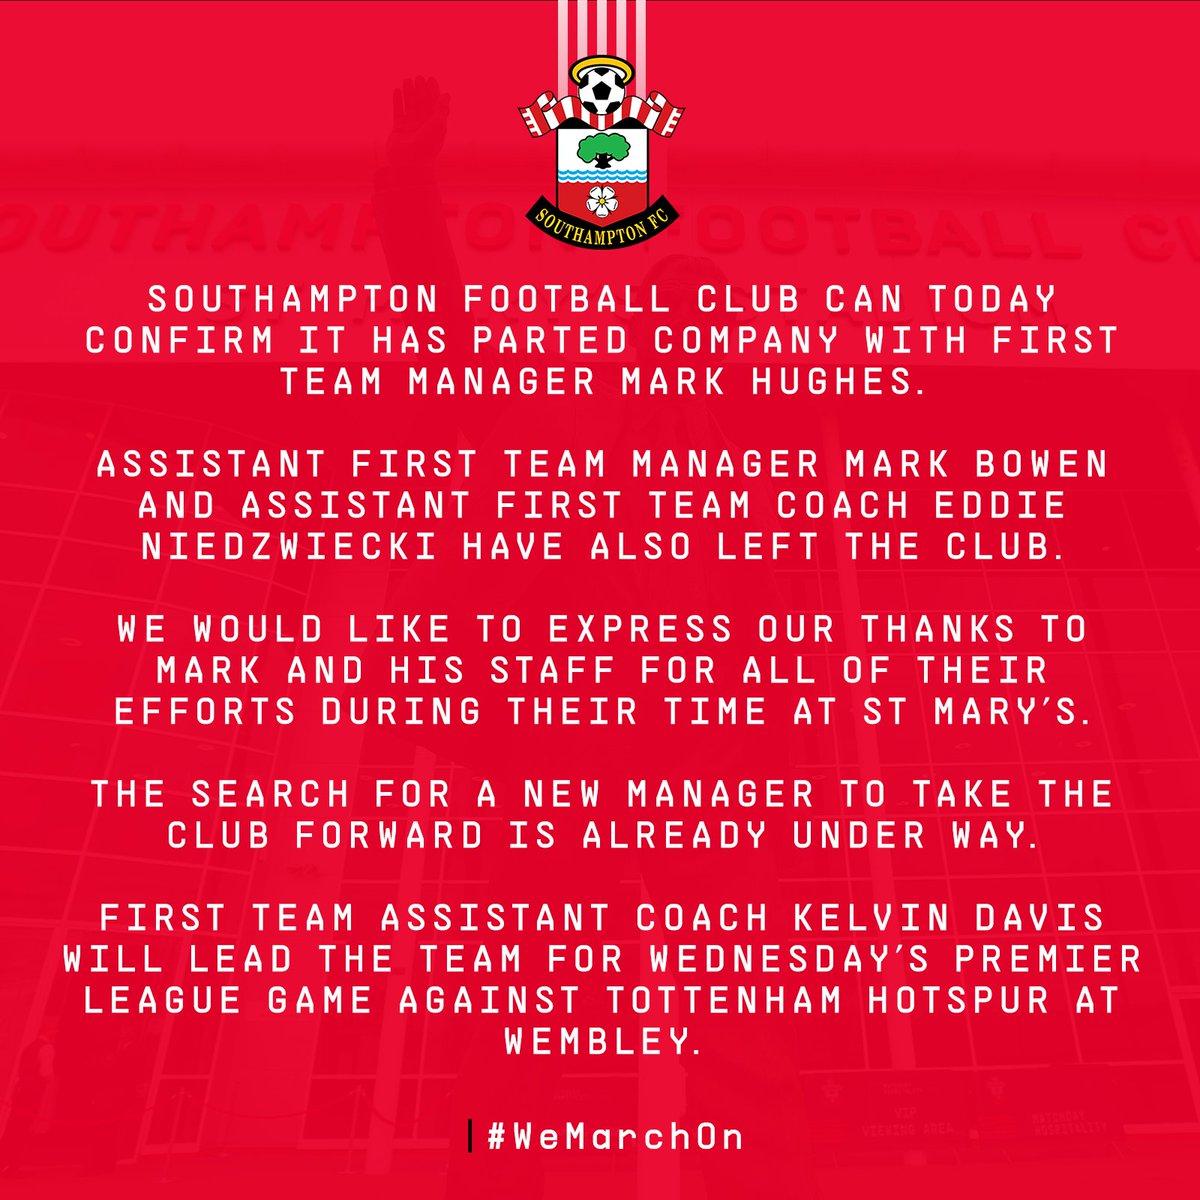 Southampton target Ralph Hasenhüttl after sacking Mark